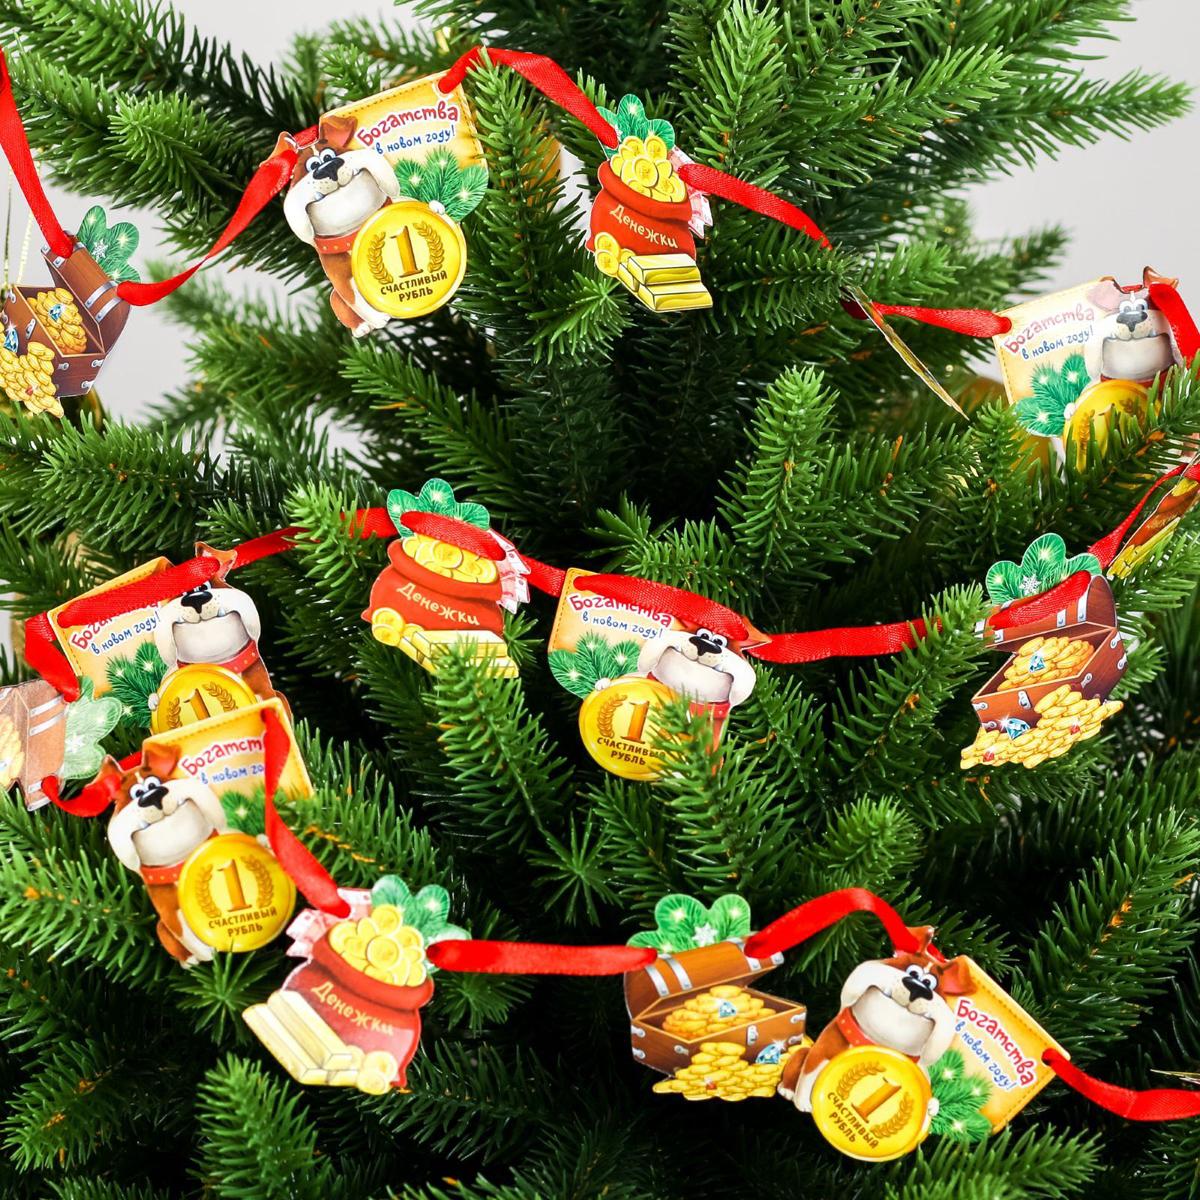 Гирлянда Богатства, 6,7 х 7,1 см, длина 2 м2268892Оформление — важная часть любого торжества, особенно Нового года. Яркие украшения для интерьера создадут особую атмосферу в вашем доме и подарят радость. Гирлянда придется по душе каждому. Подвесьте ее в комнате, и праздничное настроение не заставит себя ждать.